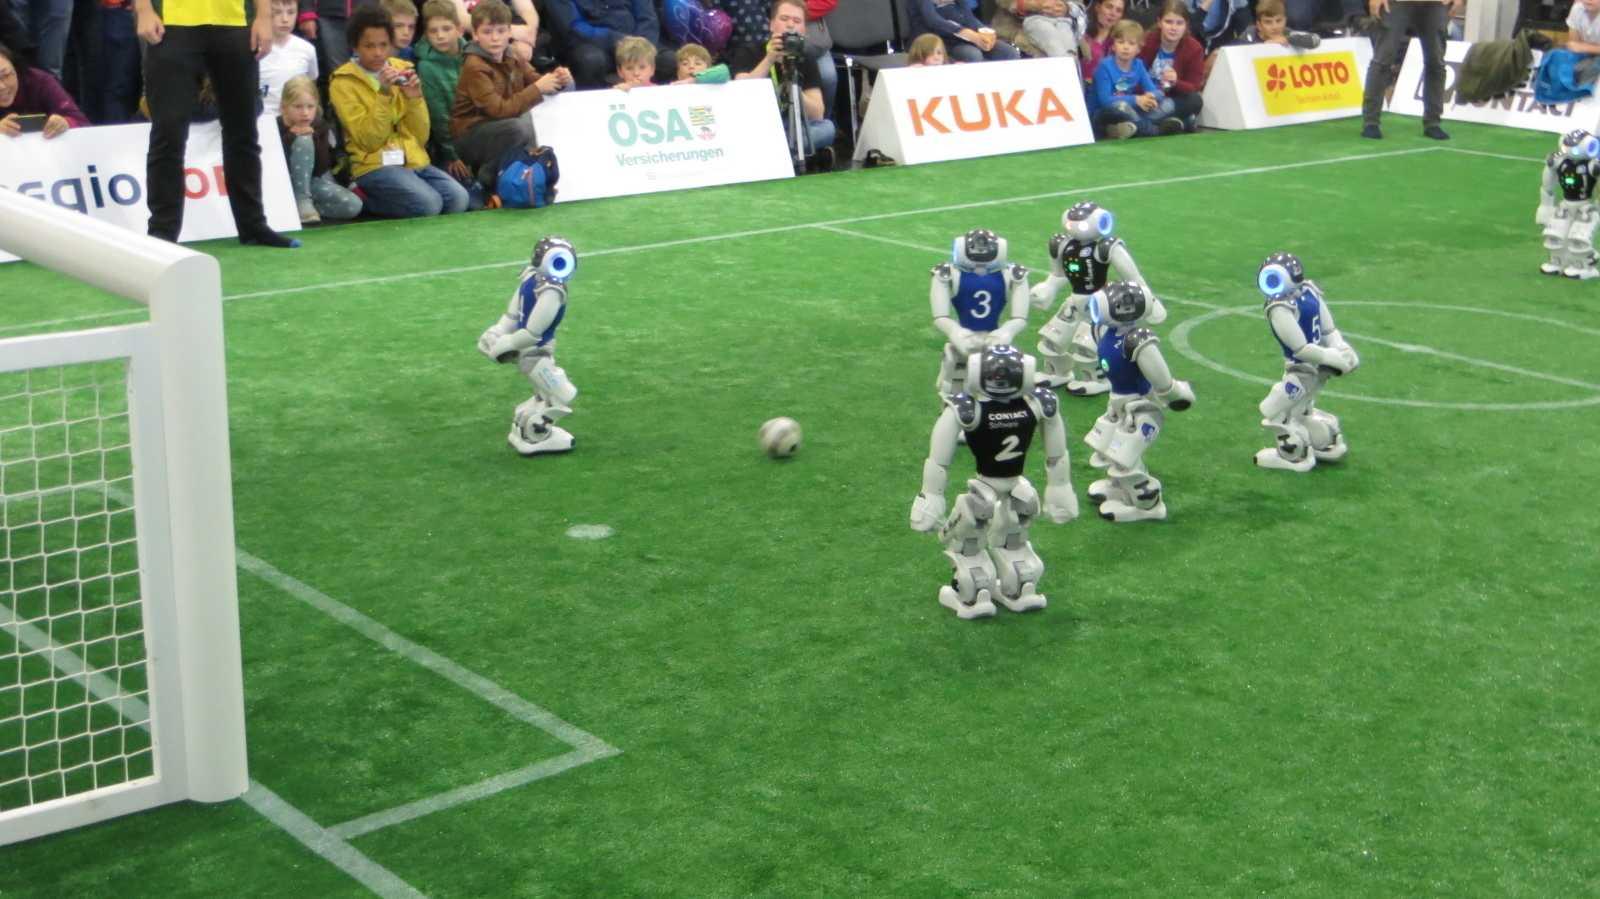 RoboCup: Muntere Finalspiele mit schönen Aktionen